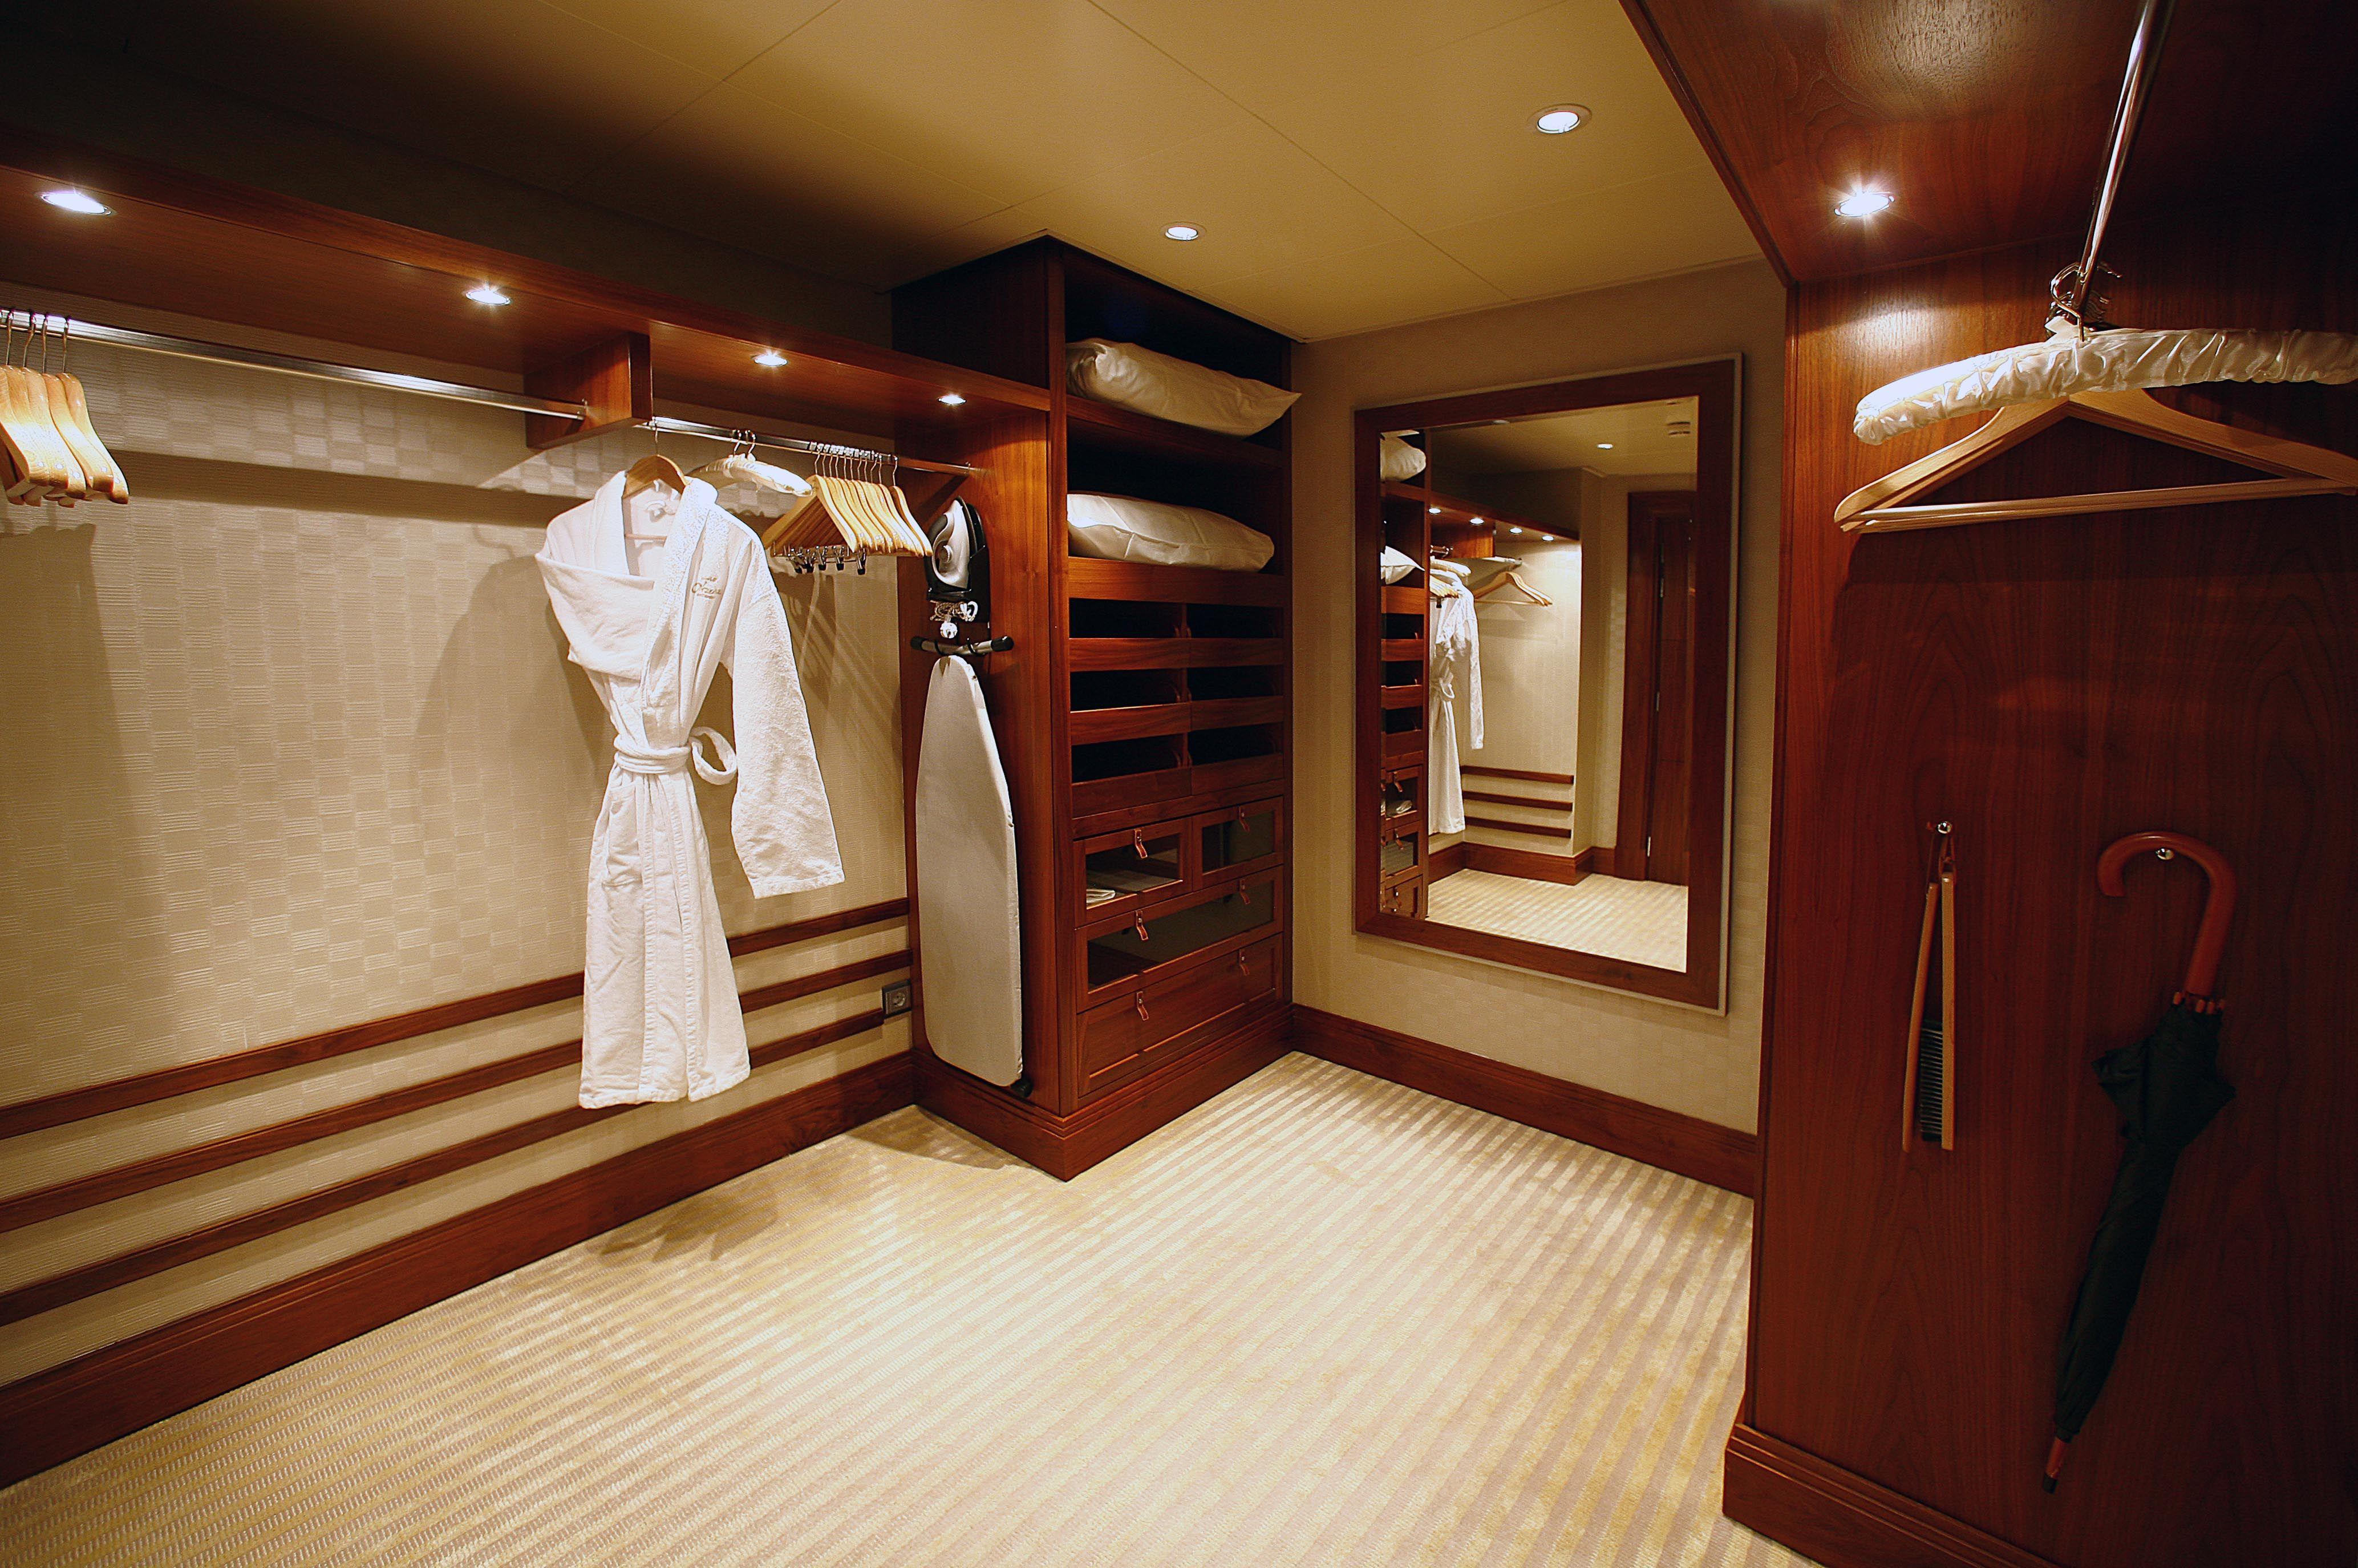 Walk in closet, The Suite, Hotel Okura Amsterdam Luxury